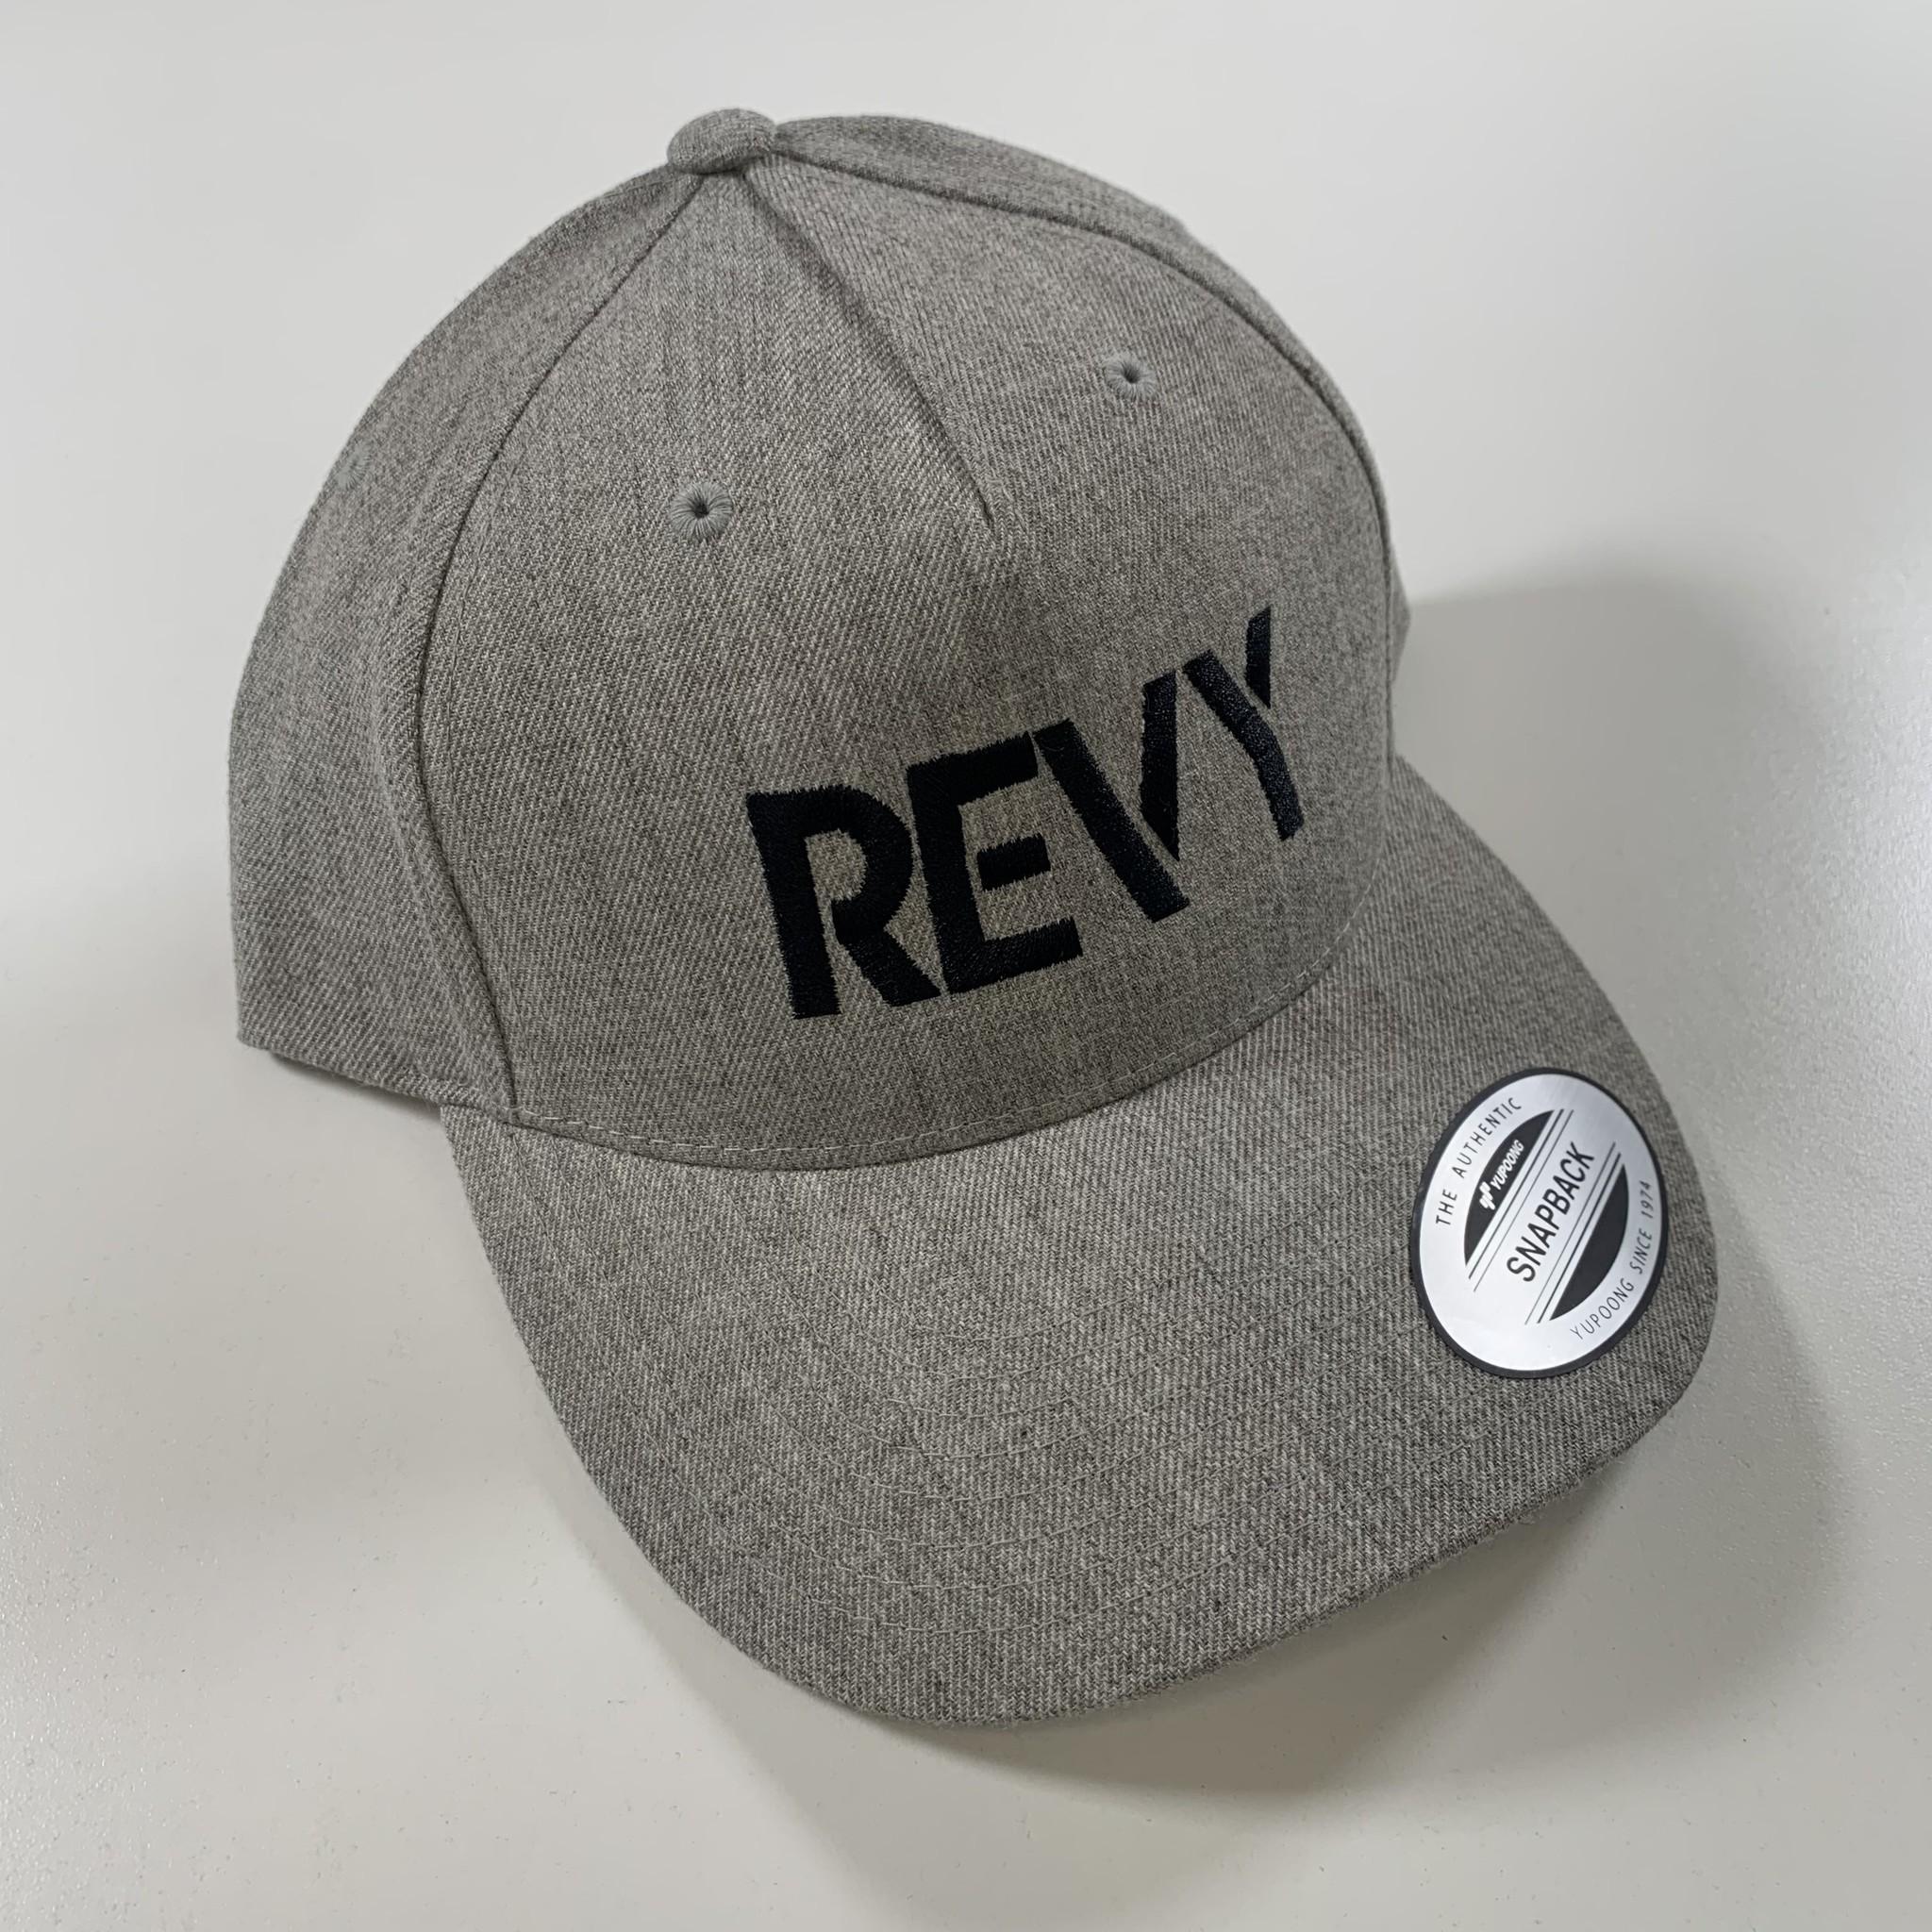 Revelstoke Trading Post Revelstoke - REVY Snapback (Grey & Black)